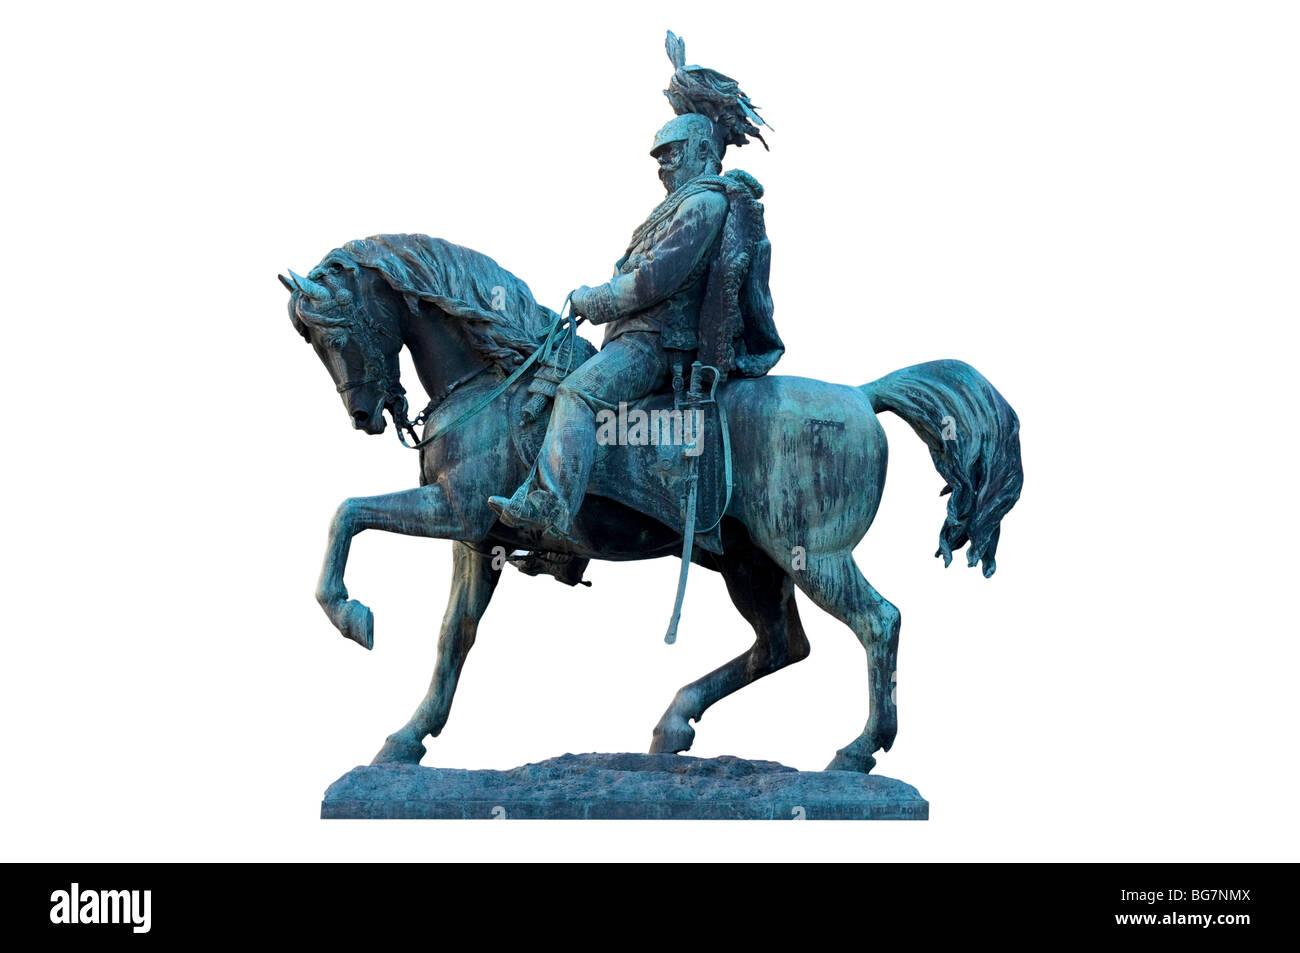 Equestrian statue of Vittorio Emanuele II in Perugia, Italy - Stock Image